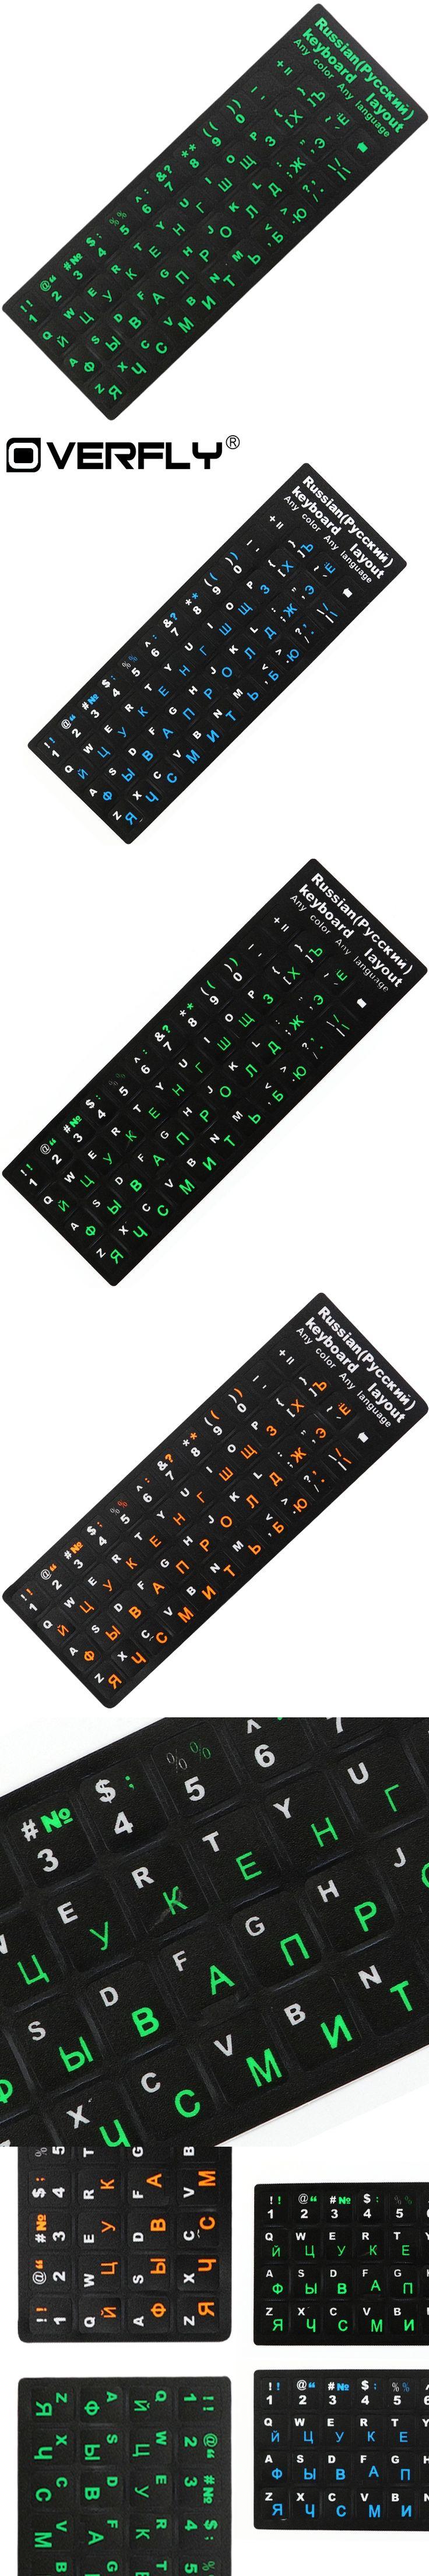 Best 25 pc keyboard ideas on pinterest keyboard shortcut keys russian keyboard cover stickers for mac book laptop pc keyboard 10 to 17 computer biocorpaavc